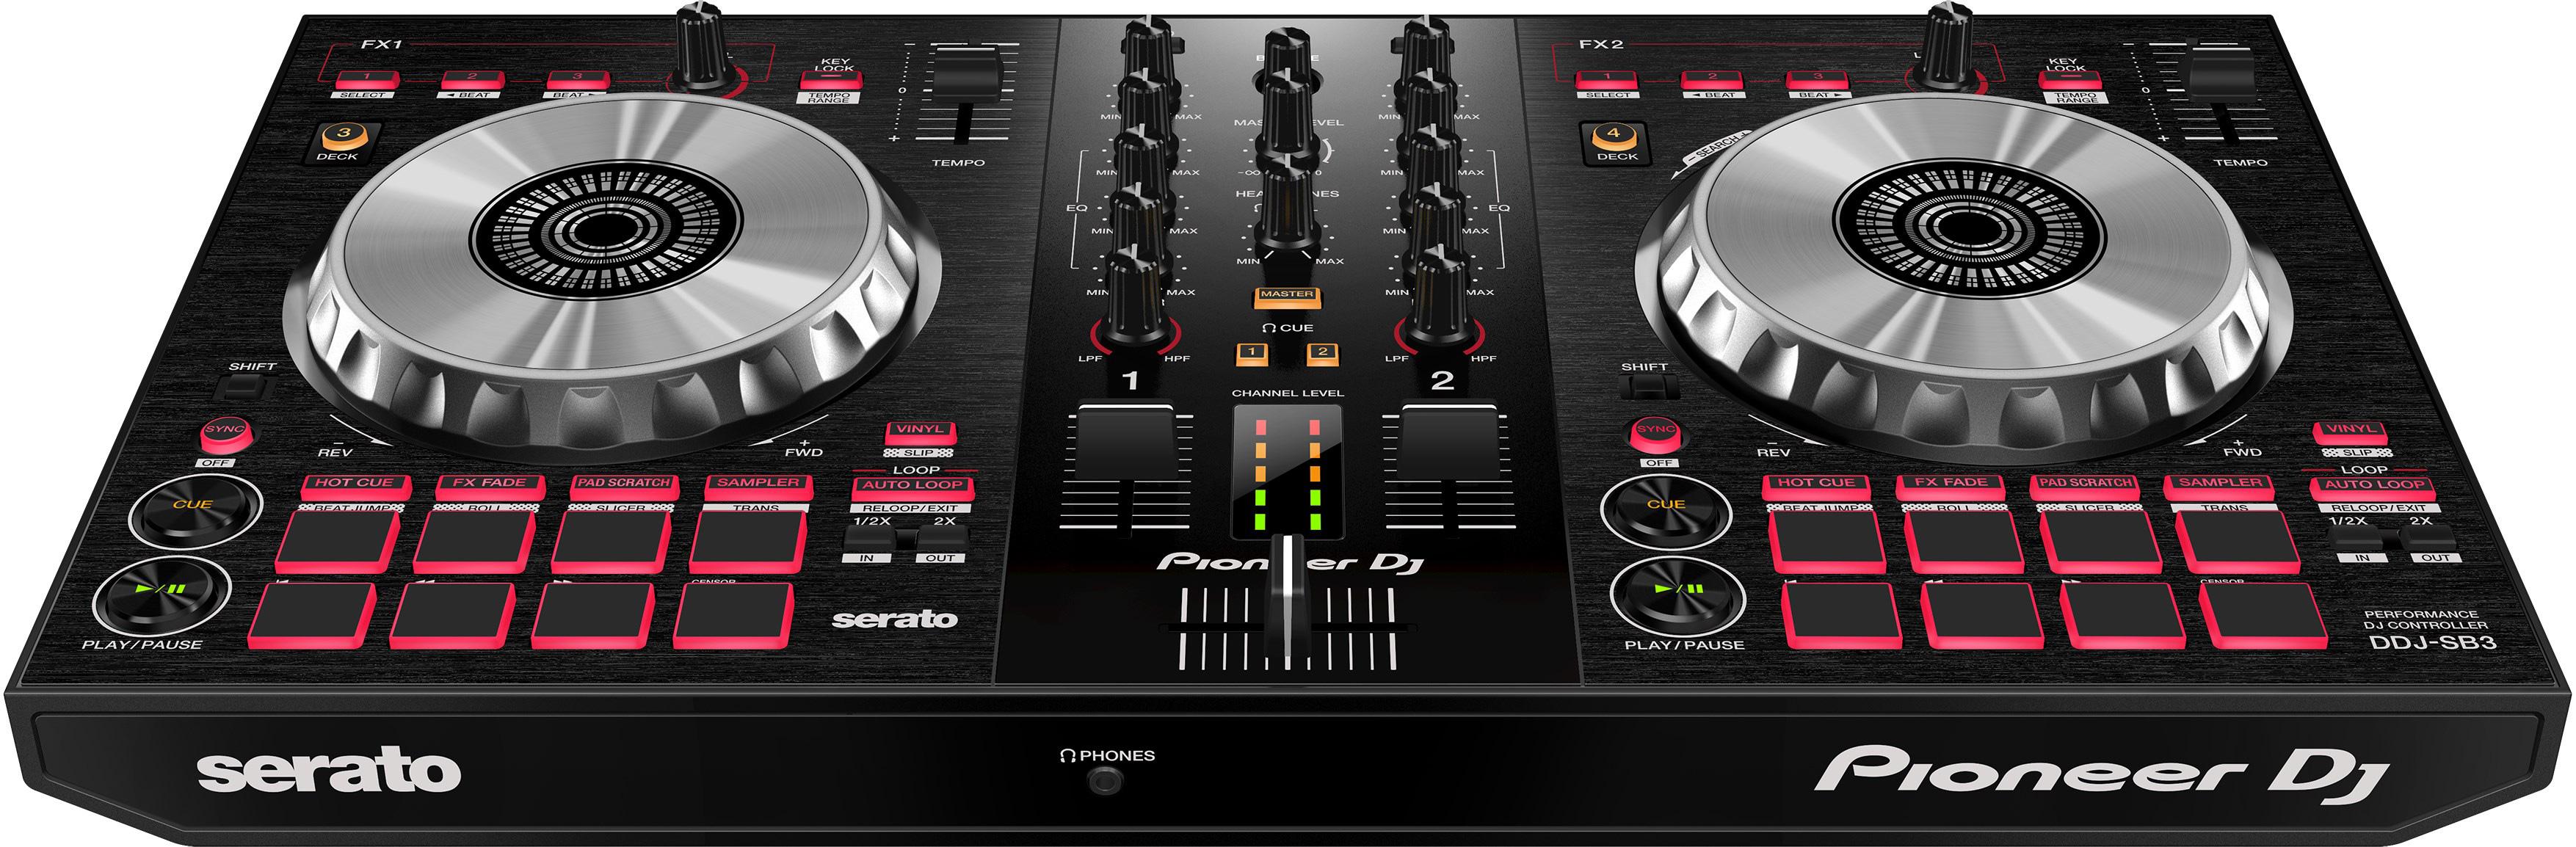 Ddj Sb3 Pioneer Ddj Sb3 Audiofanzine